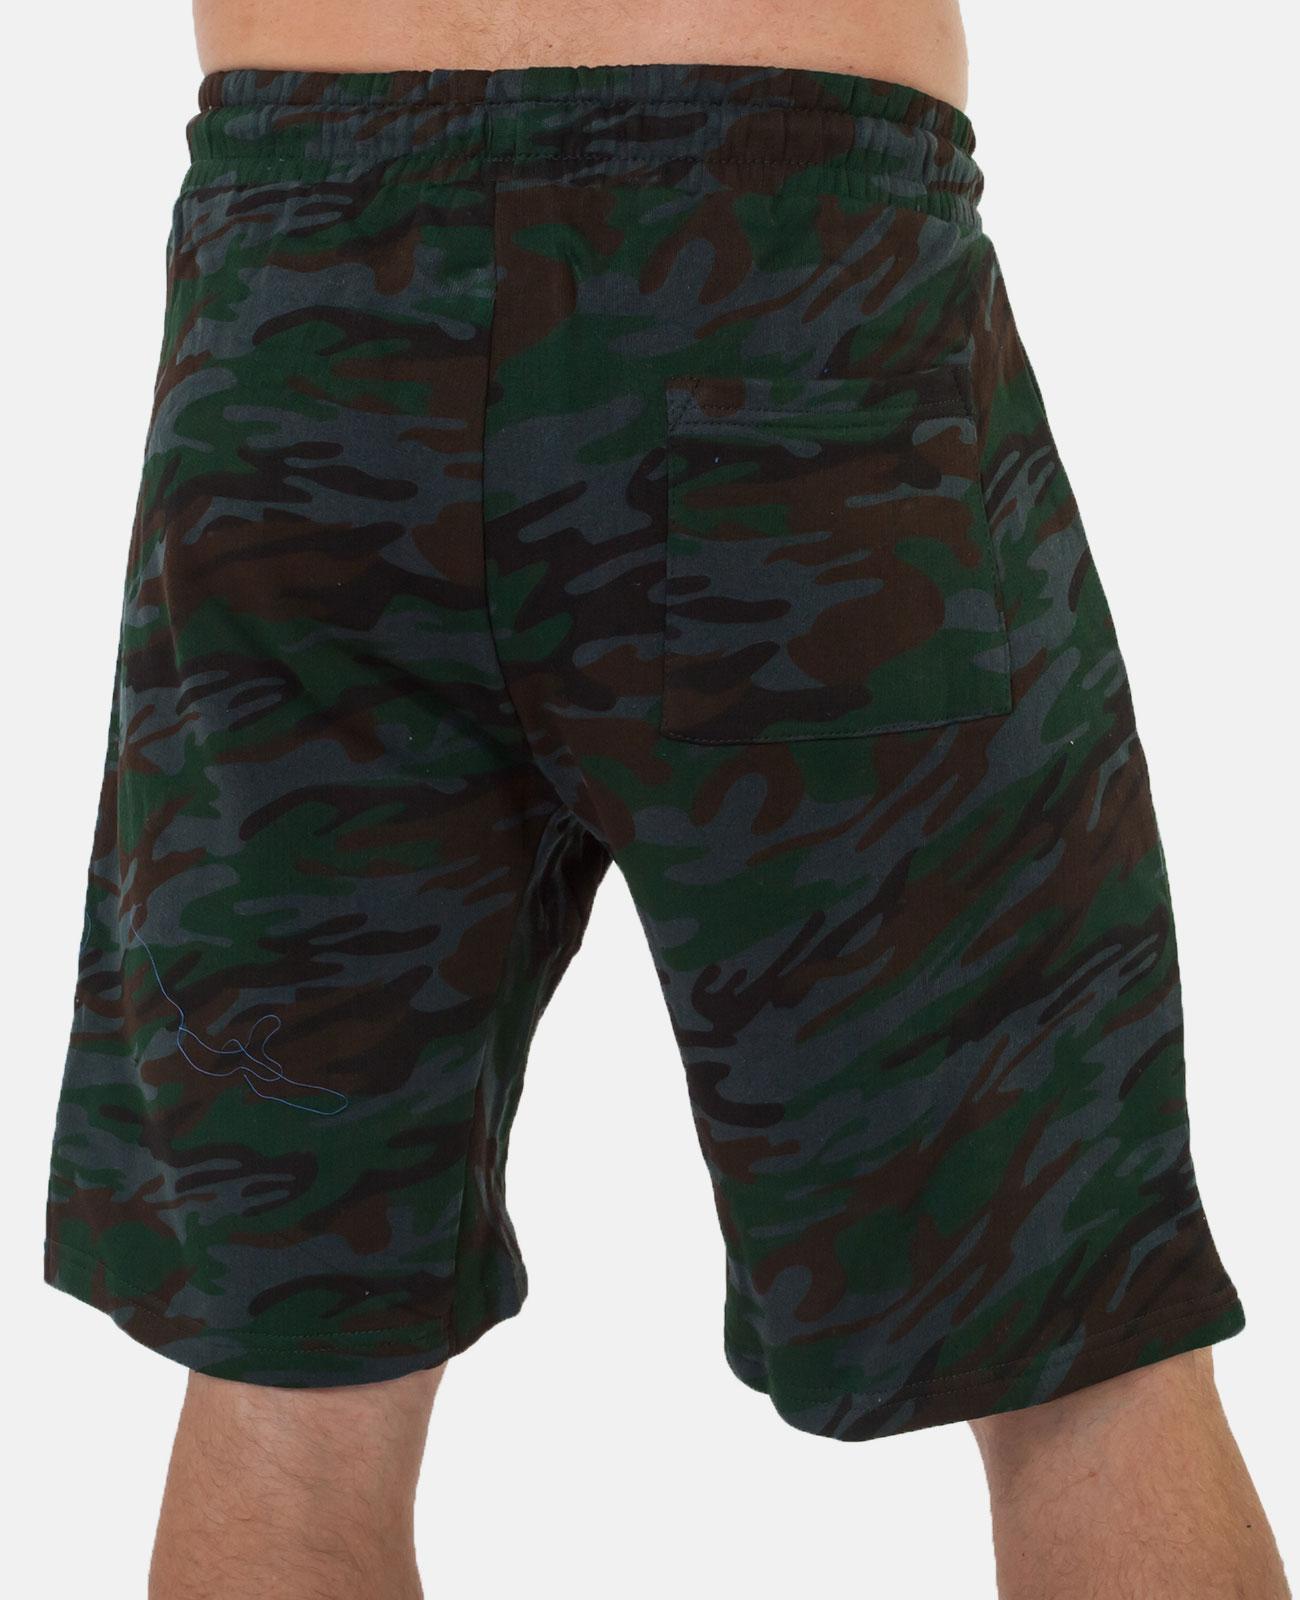 Удлиненные мужские шорты с нашивкой Россия - купить выгодно